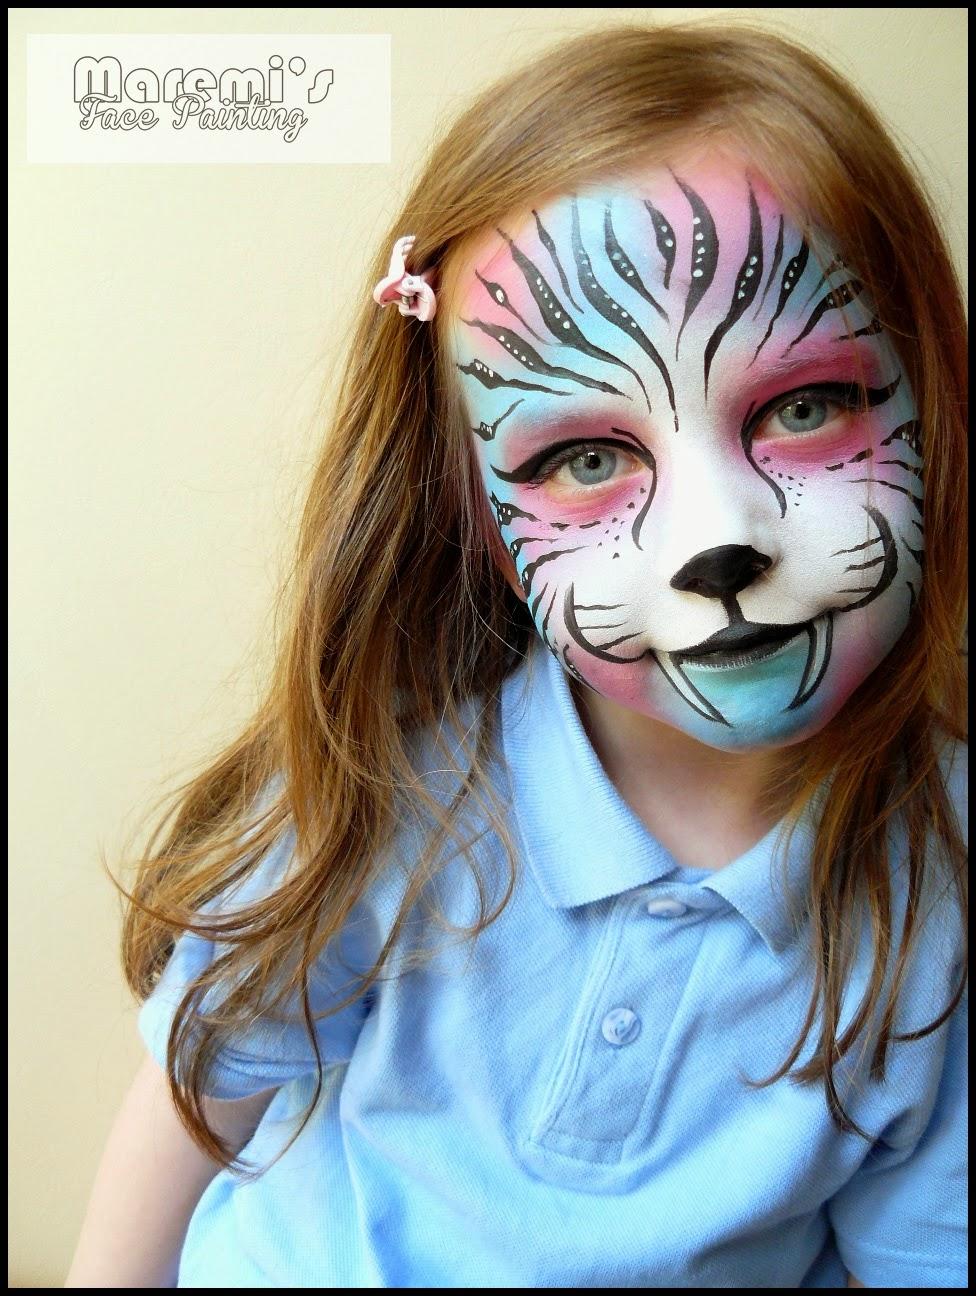 Maremi S Face And Body Painting Teczowy Kolorowy Tygrys Malowanie Twarzy Dzieci Rainbow Colorfull Tiger Face Painting